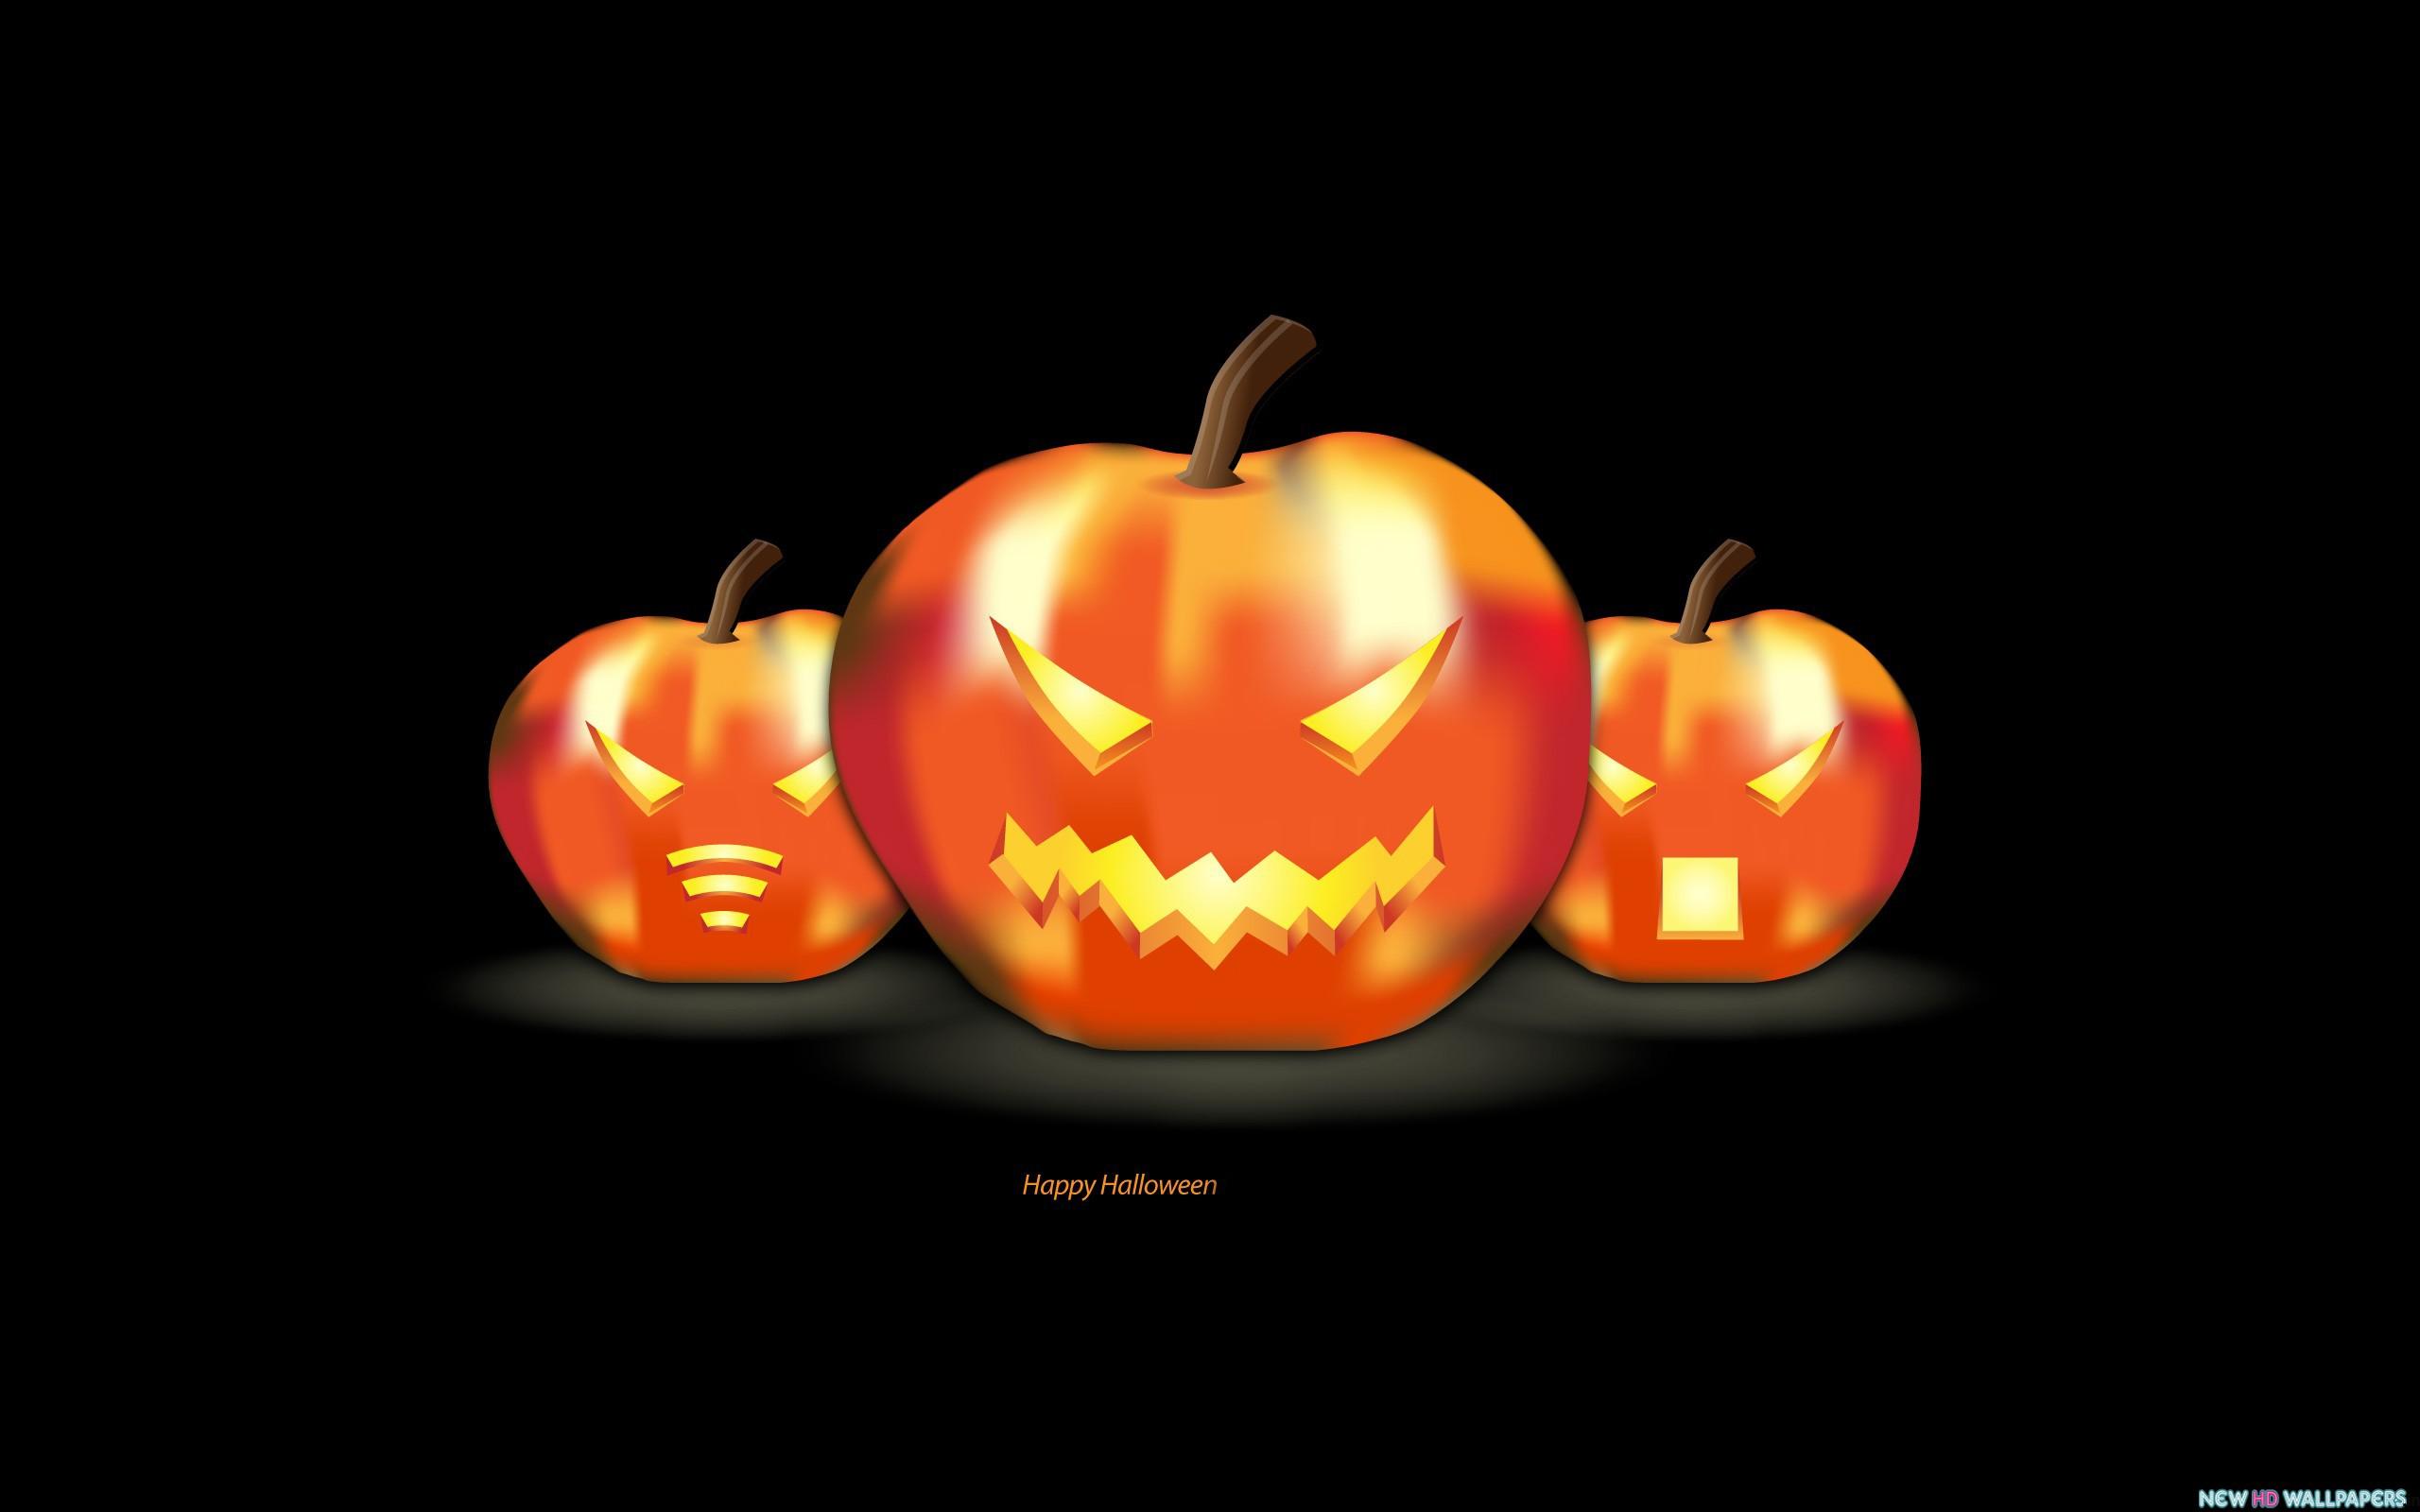 Good Wallpaper Halloween Facebook - Happy-Halloween-Pumpkins-wallpaper-for-desktop  Collection_738334.jpg